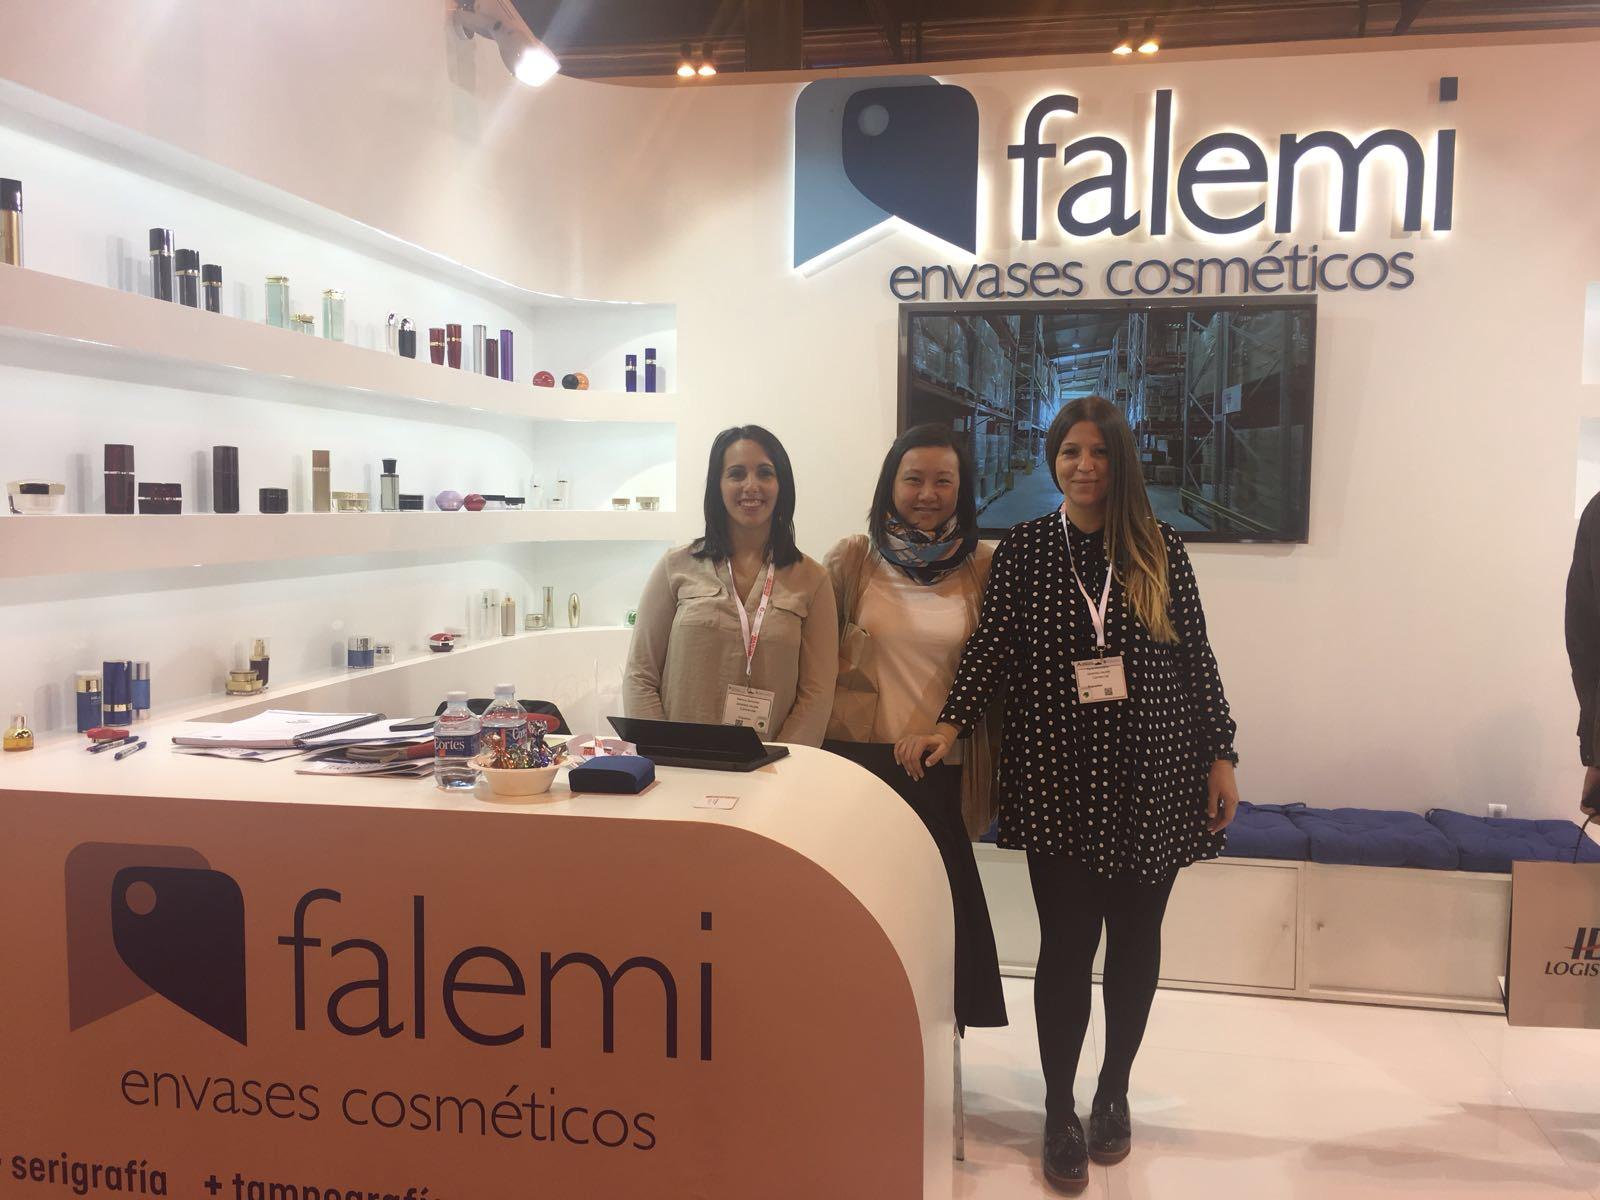 Envases Falemi. Envases cosméticos. Expositores Empack Madrid 2017